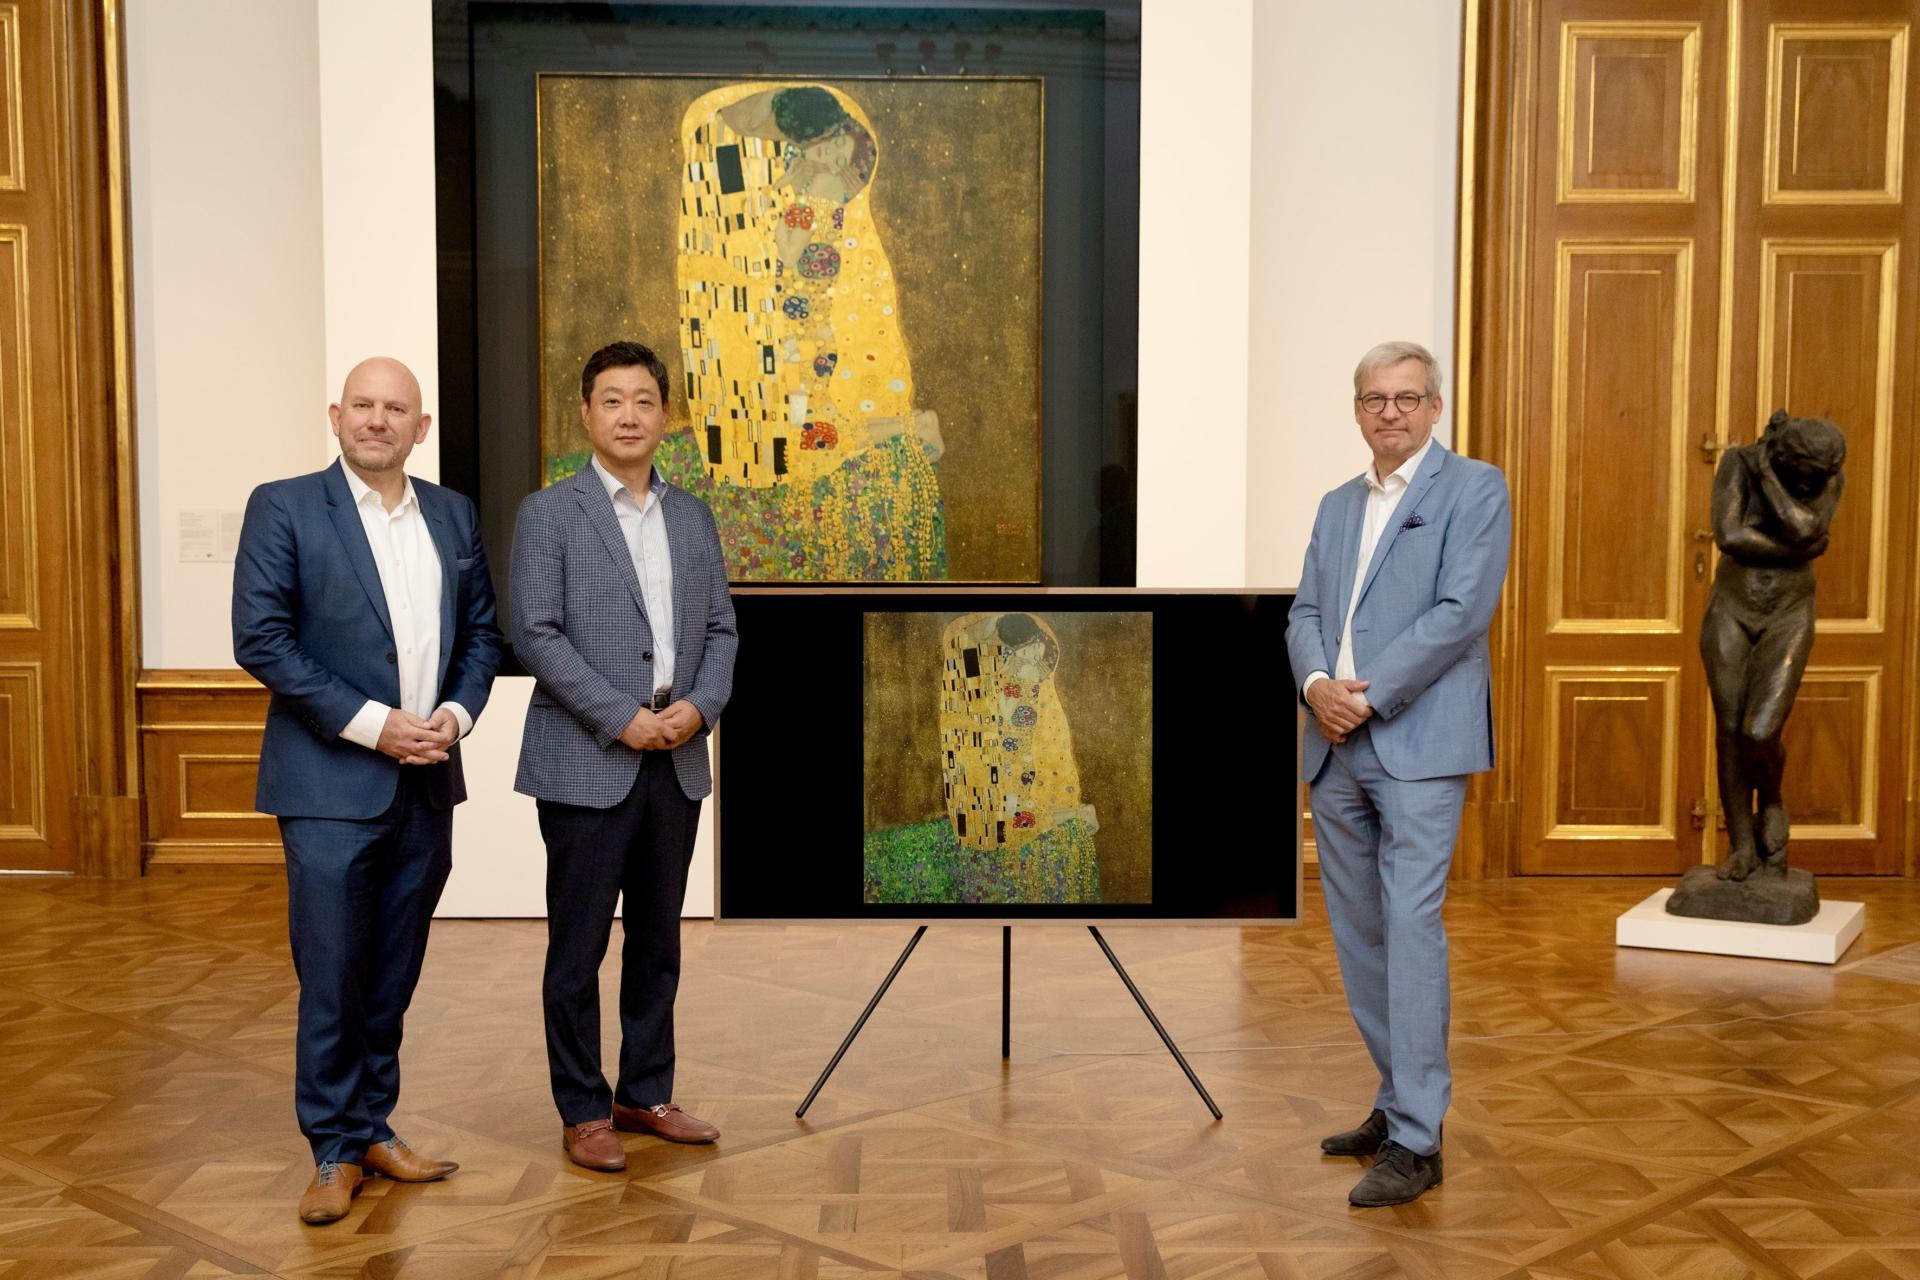 Thưởng thức kiệt tác của danh họa người Áo trên TV Samsung The Frame